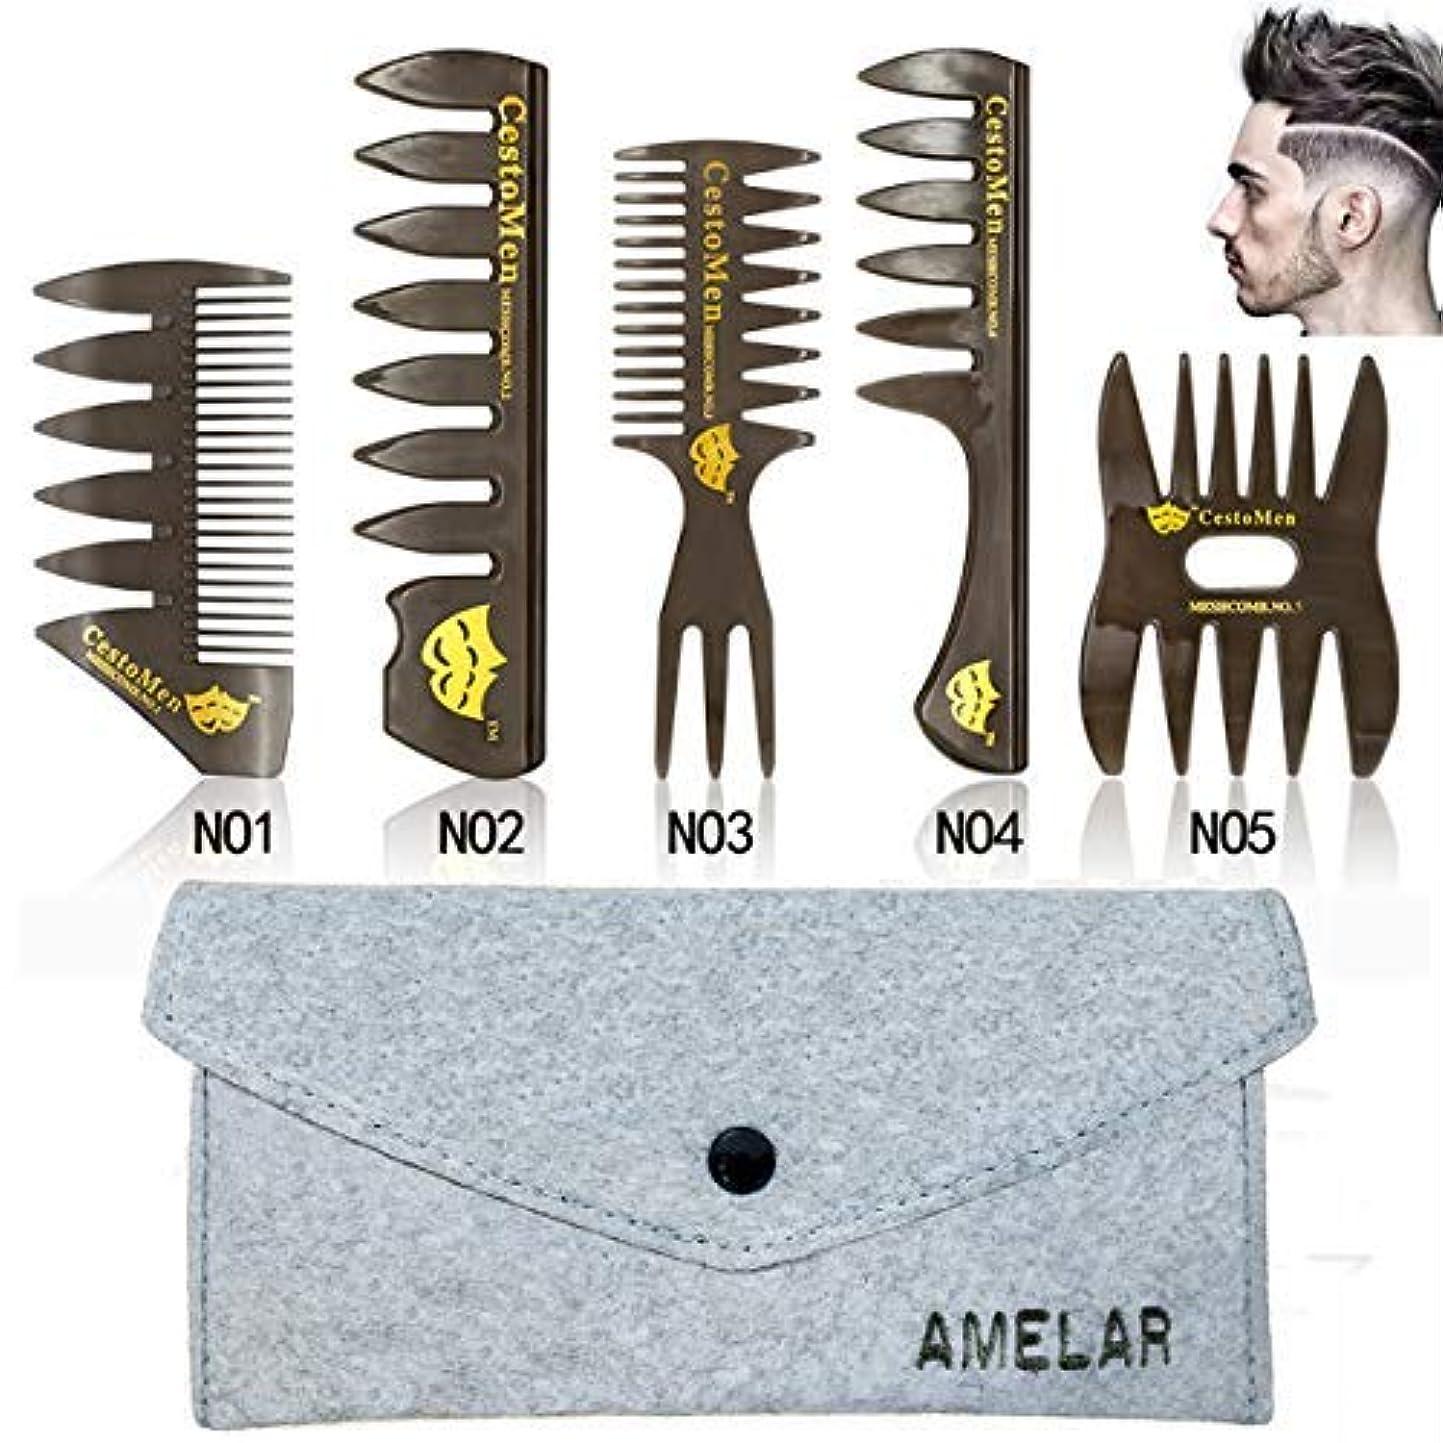 購入視線ライナー6 PCS Hair Comb Styling Set Barber Hairstylist Accessories,Professional Shaping & Wet Pick Barber Brush Tools,...